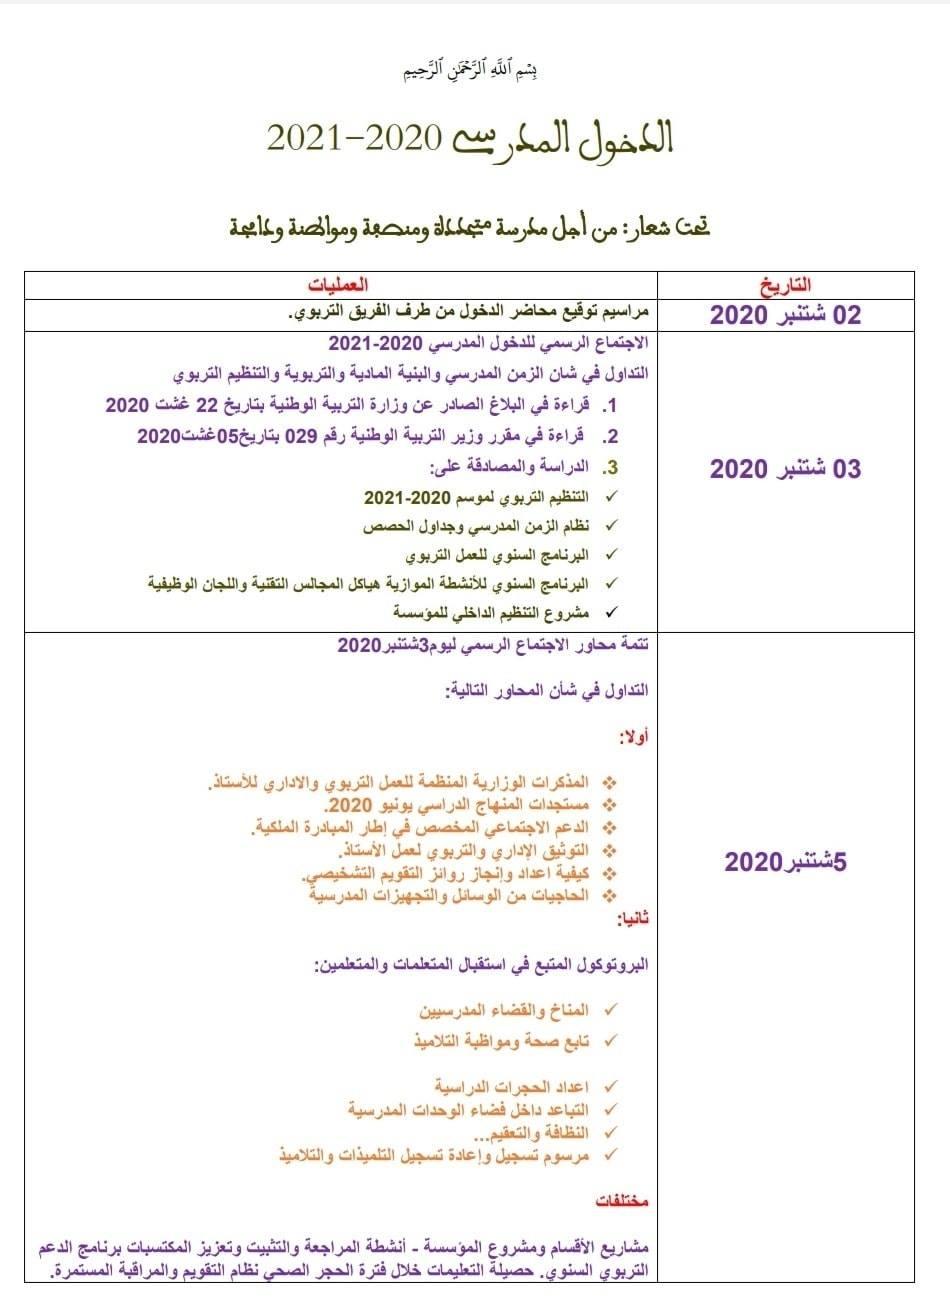 نموذج مذكرة يومية للدخول المدرسي للاستئناس